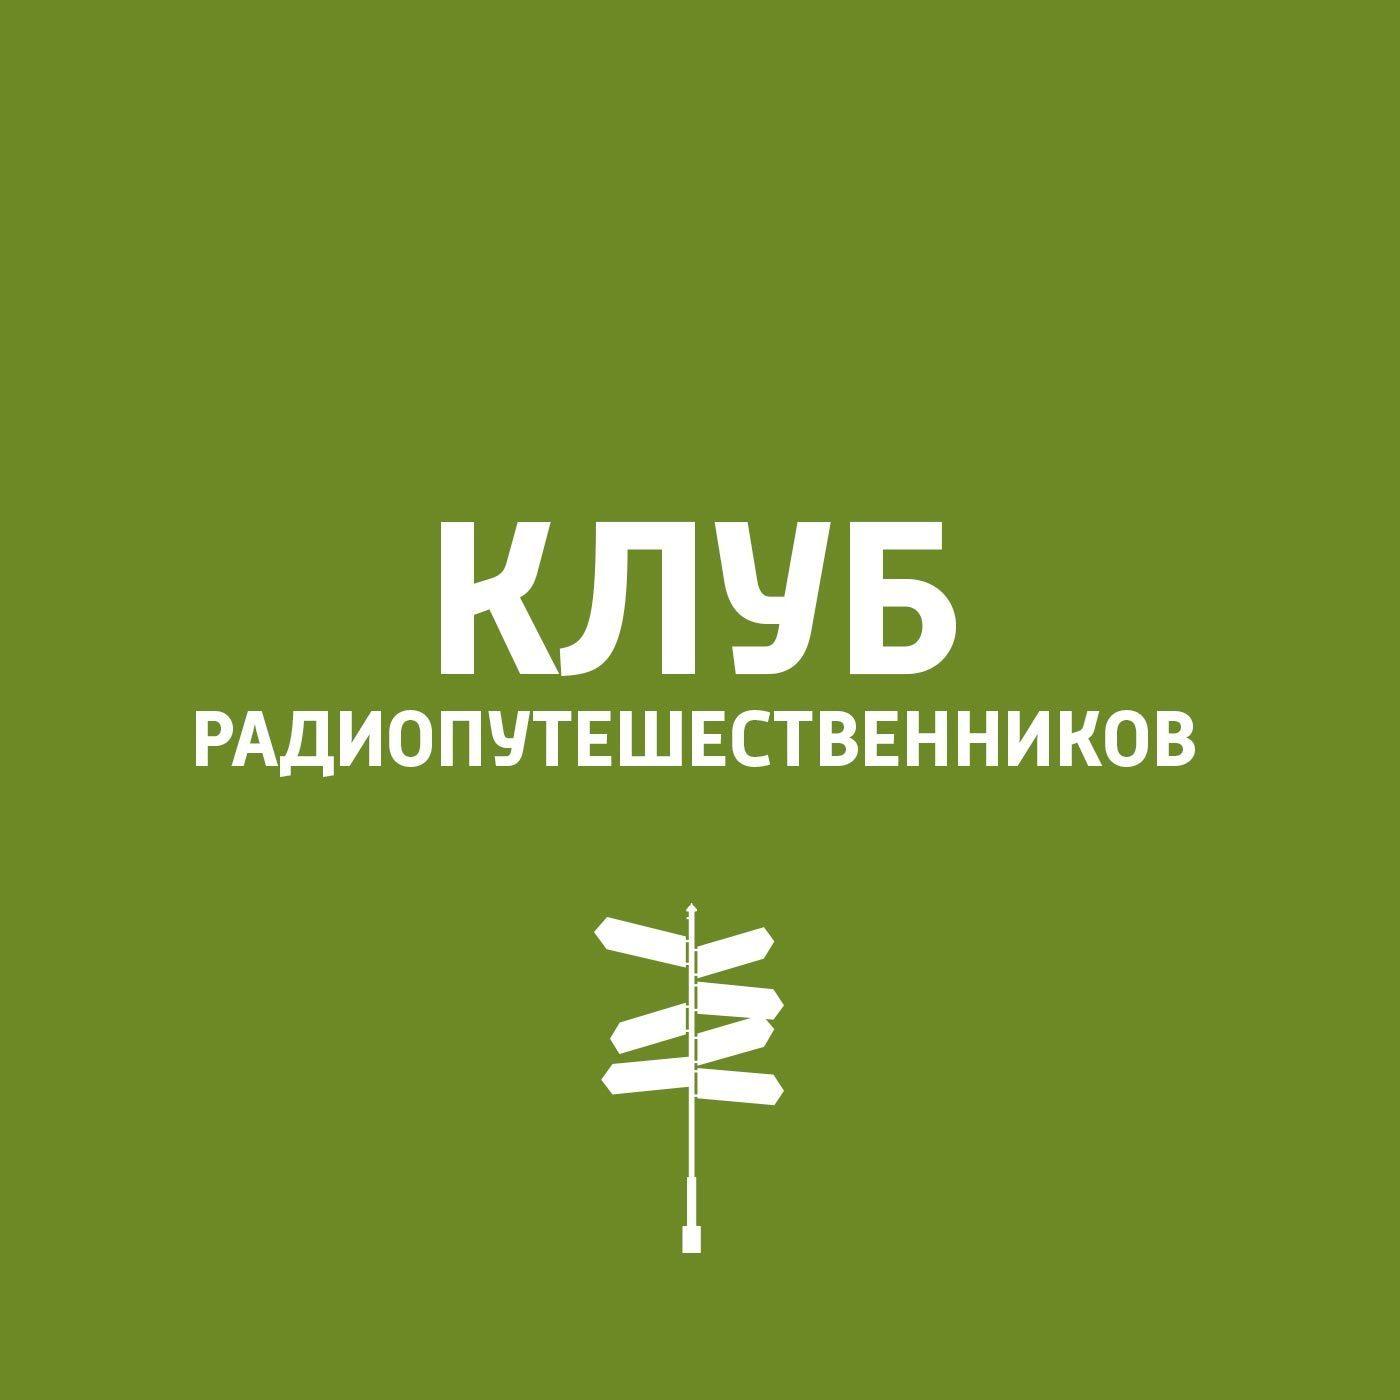 Пётр Фадеев Смоленск